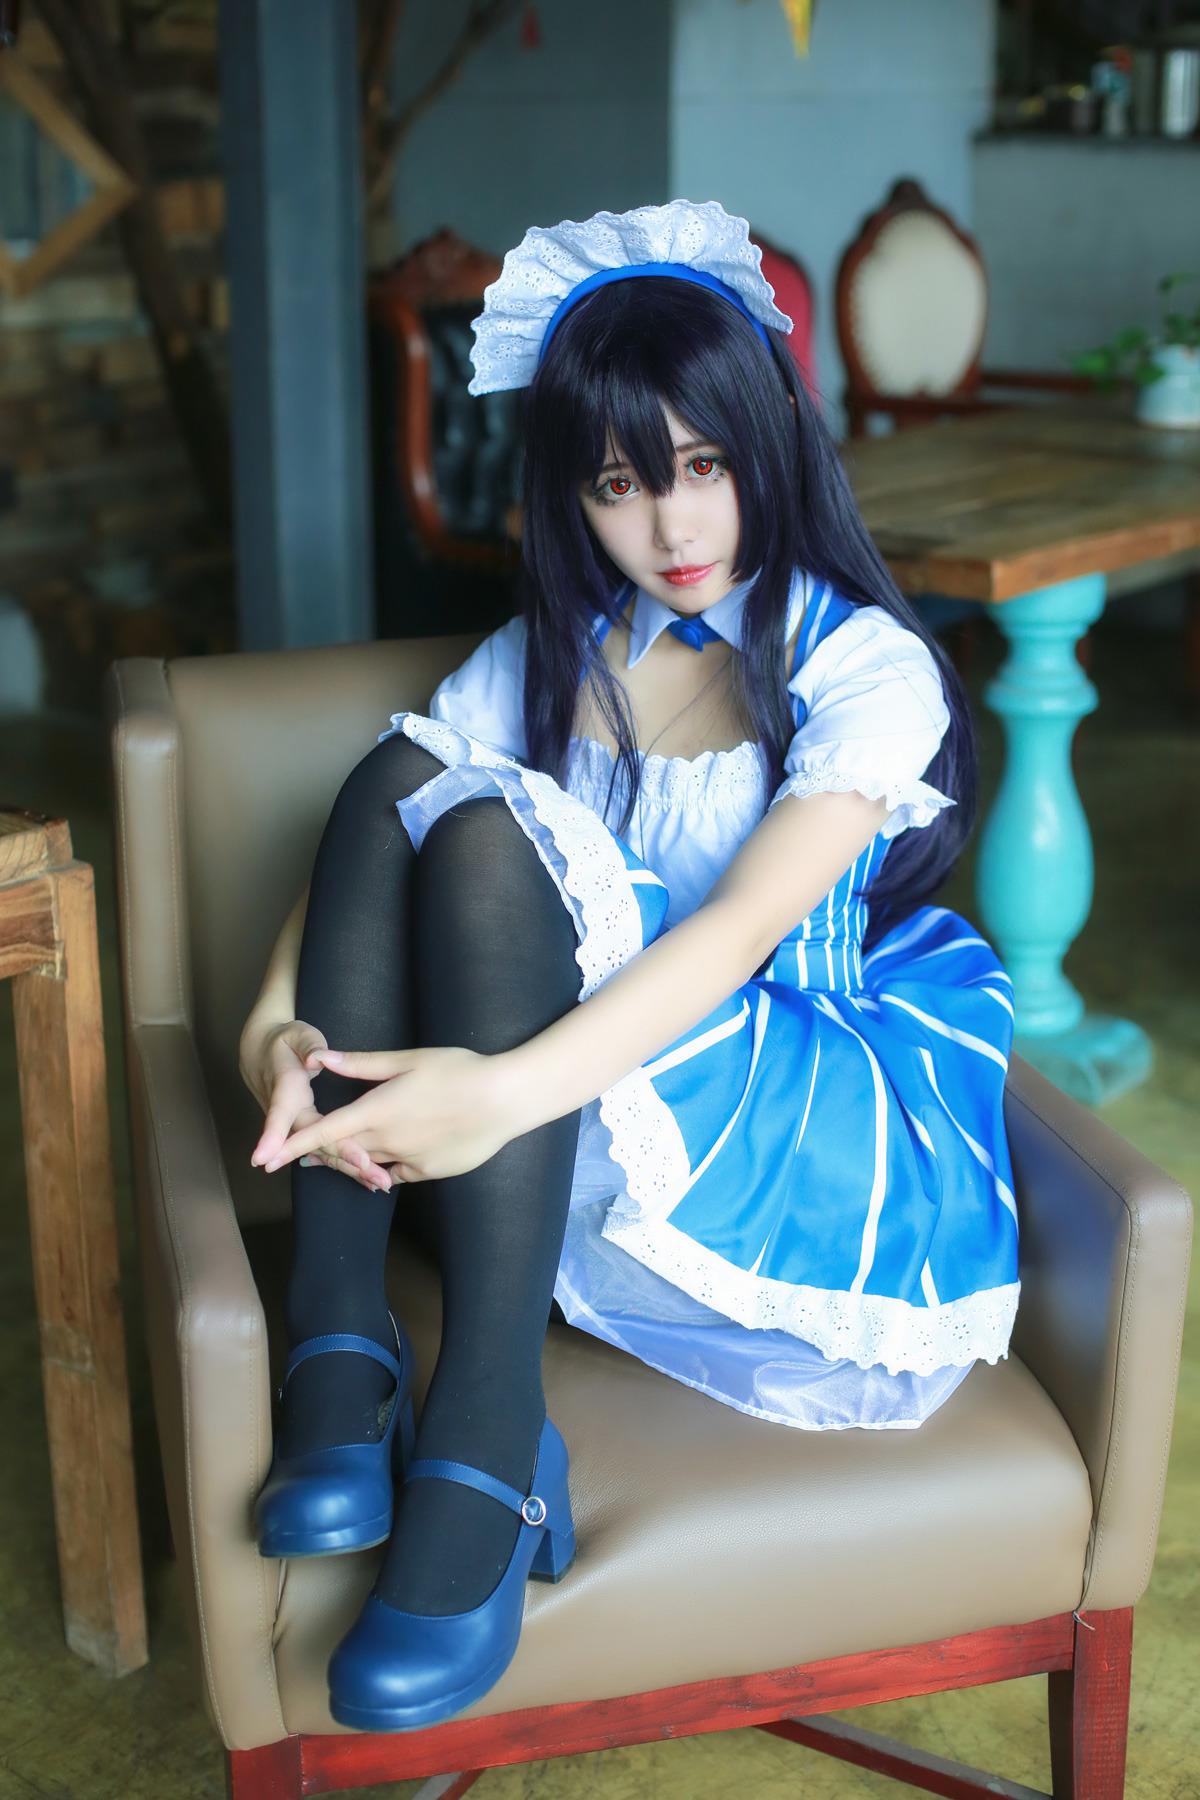 可爱的黑丝女仆送福利 大师级cosplay美图欣赏